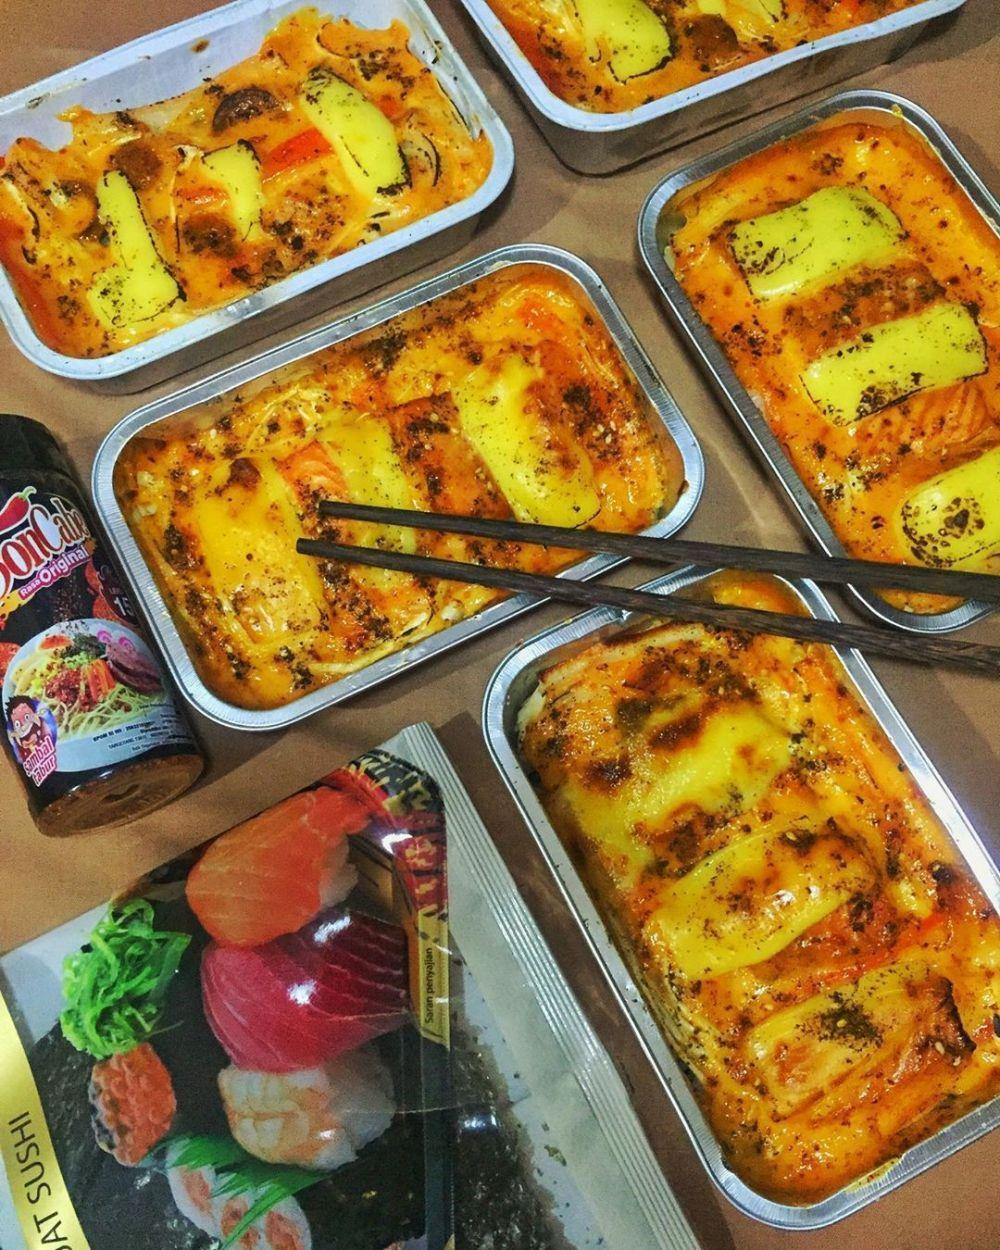 Resep Mentai Rice C 2020 Brilio Net Makanan Penutup Mini Makanan Dan Minuman Makanan